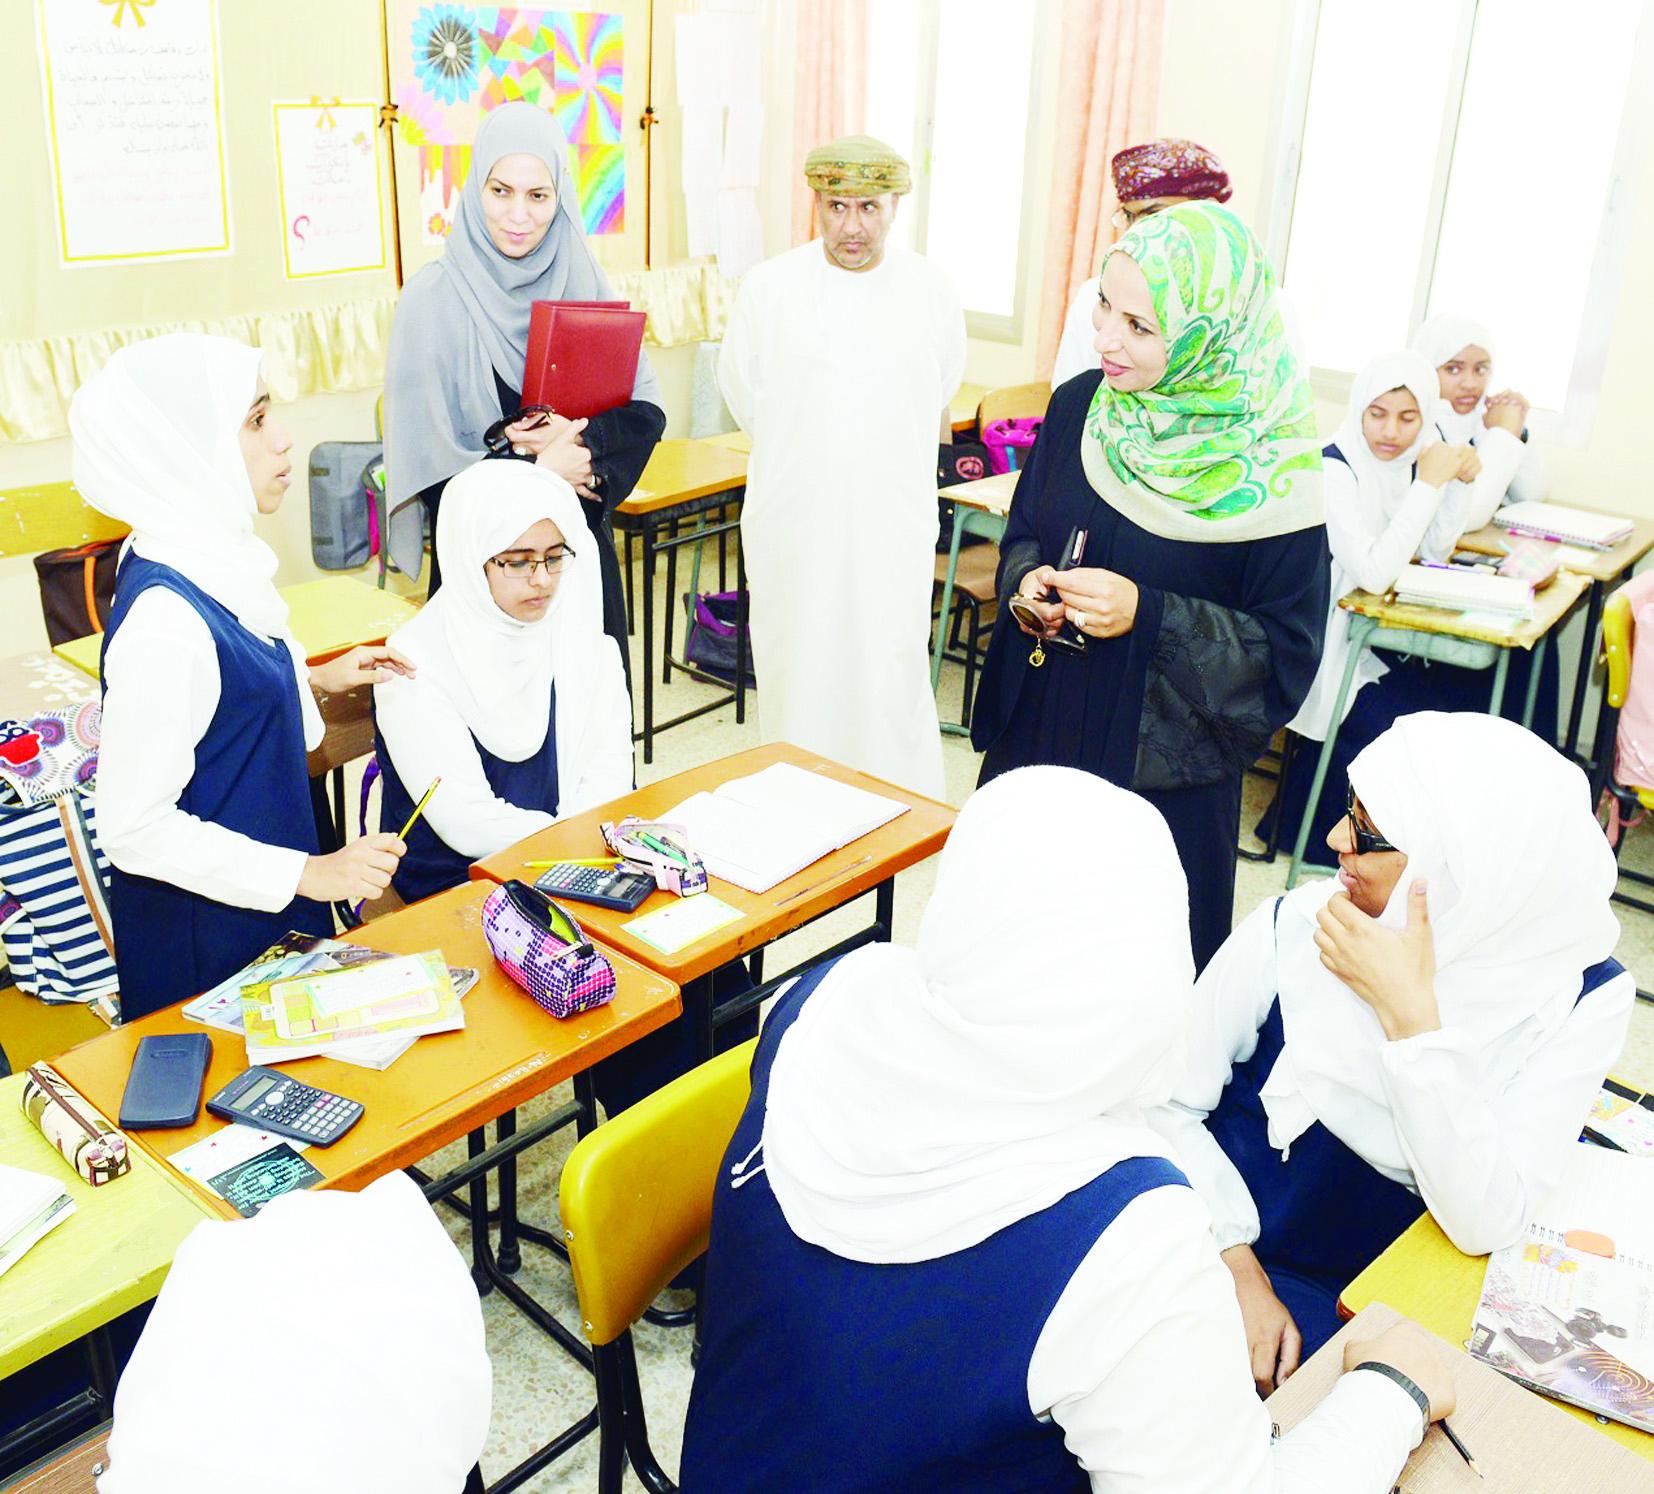 وزيرة التربية  تتفقد  مدارس جنوب الشرقية وتوجه بالرقي بمستويات المخرجات التعليمية